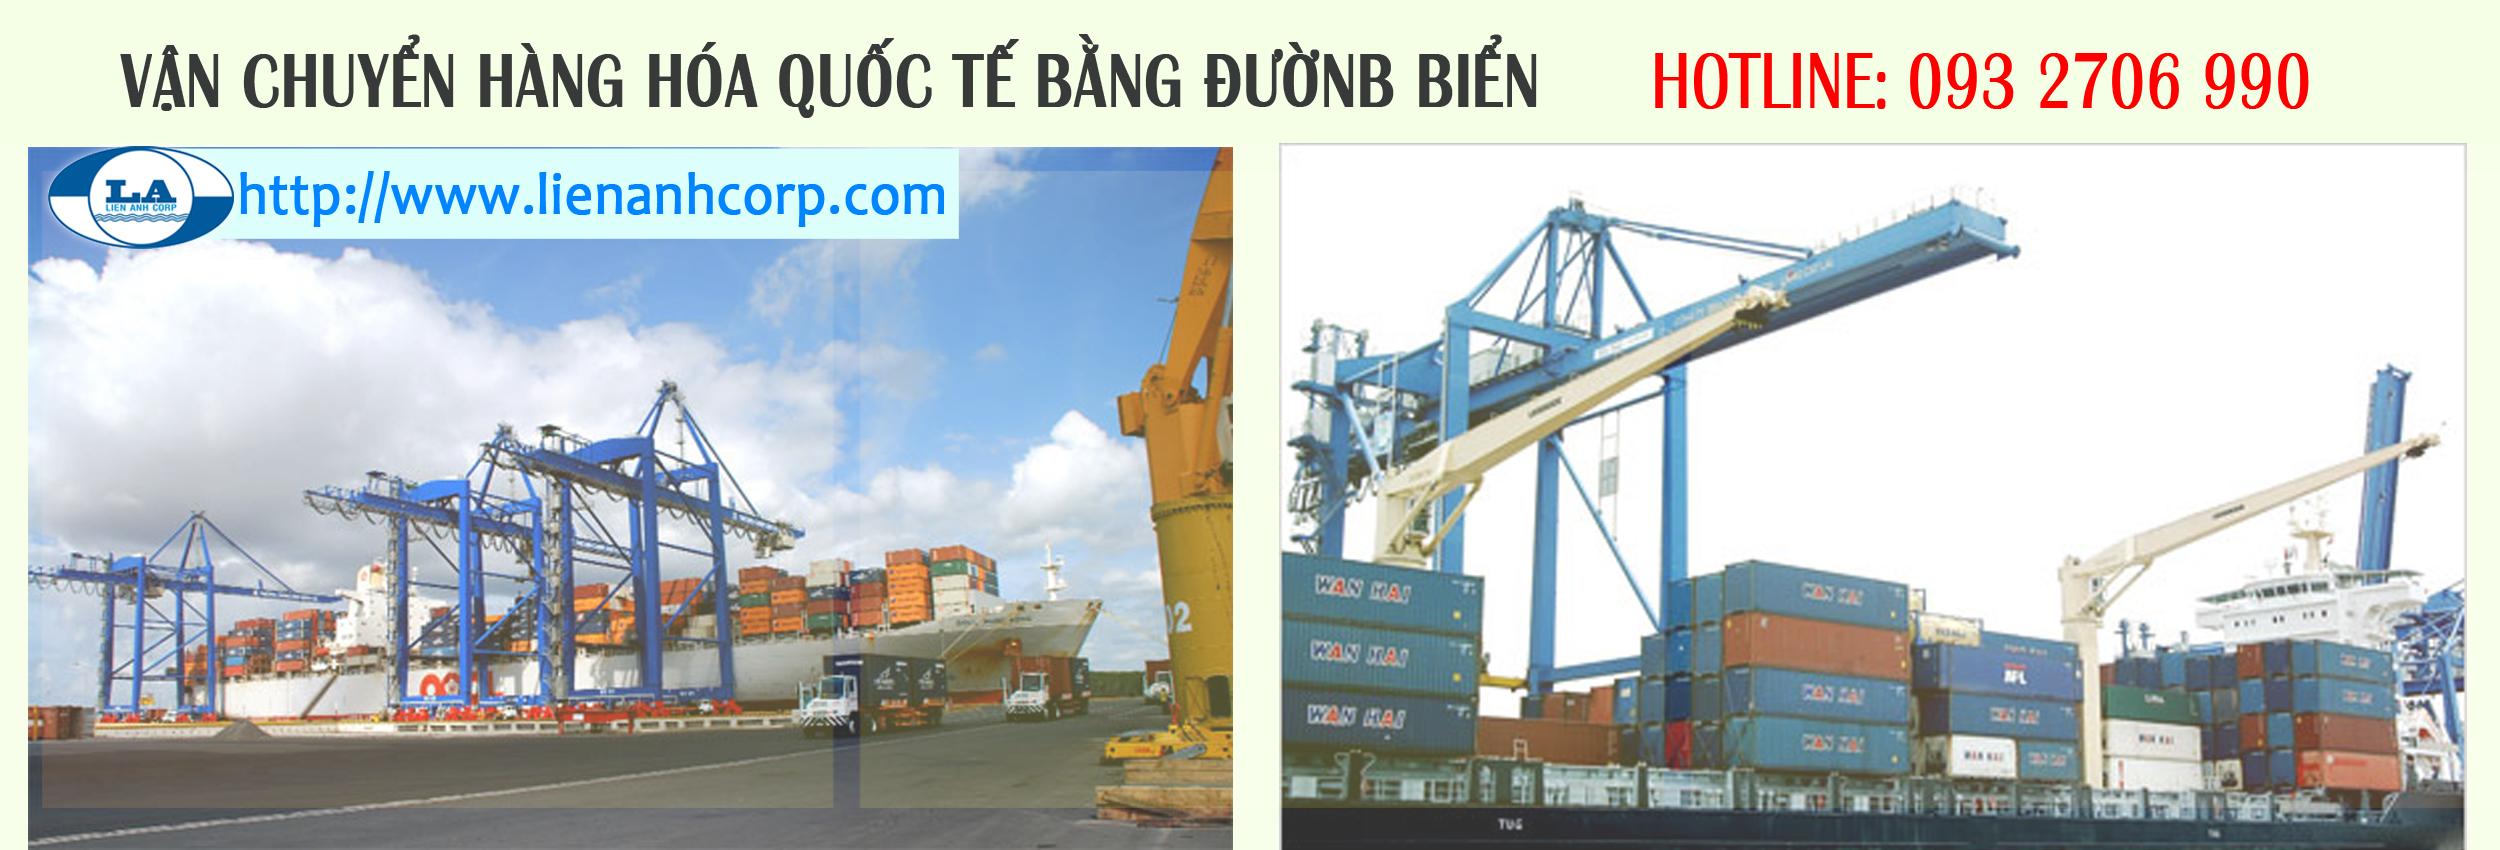 Vận chuyển hàng hóa quốc tế bằng đường biển từ TPHCM nhận đúng hẹn Van-chuyen-hang-hoa-quoc-te-bang-duong-bien-tu-tphcm-chat-luong1